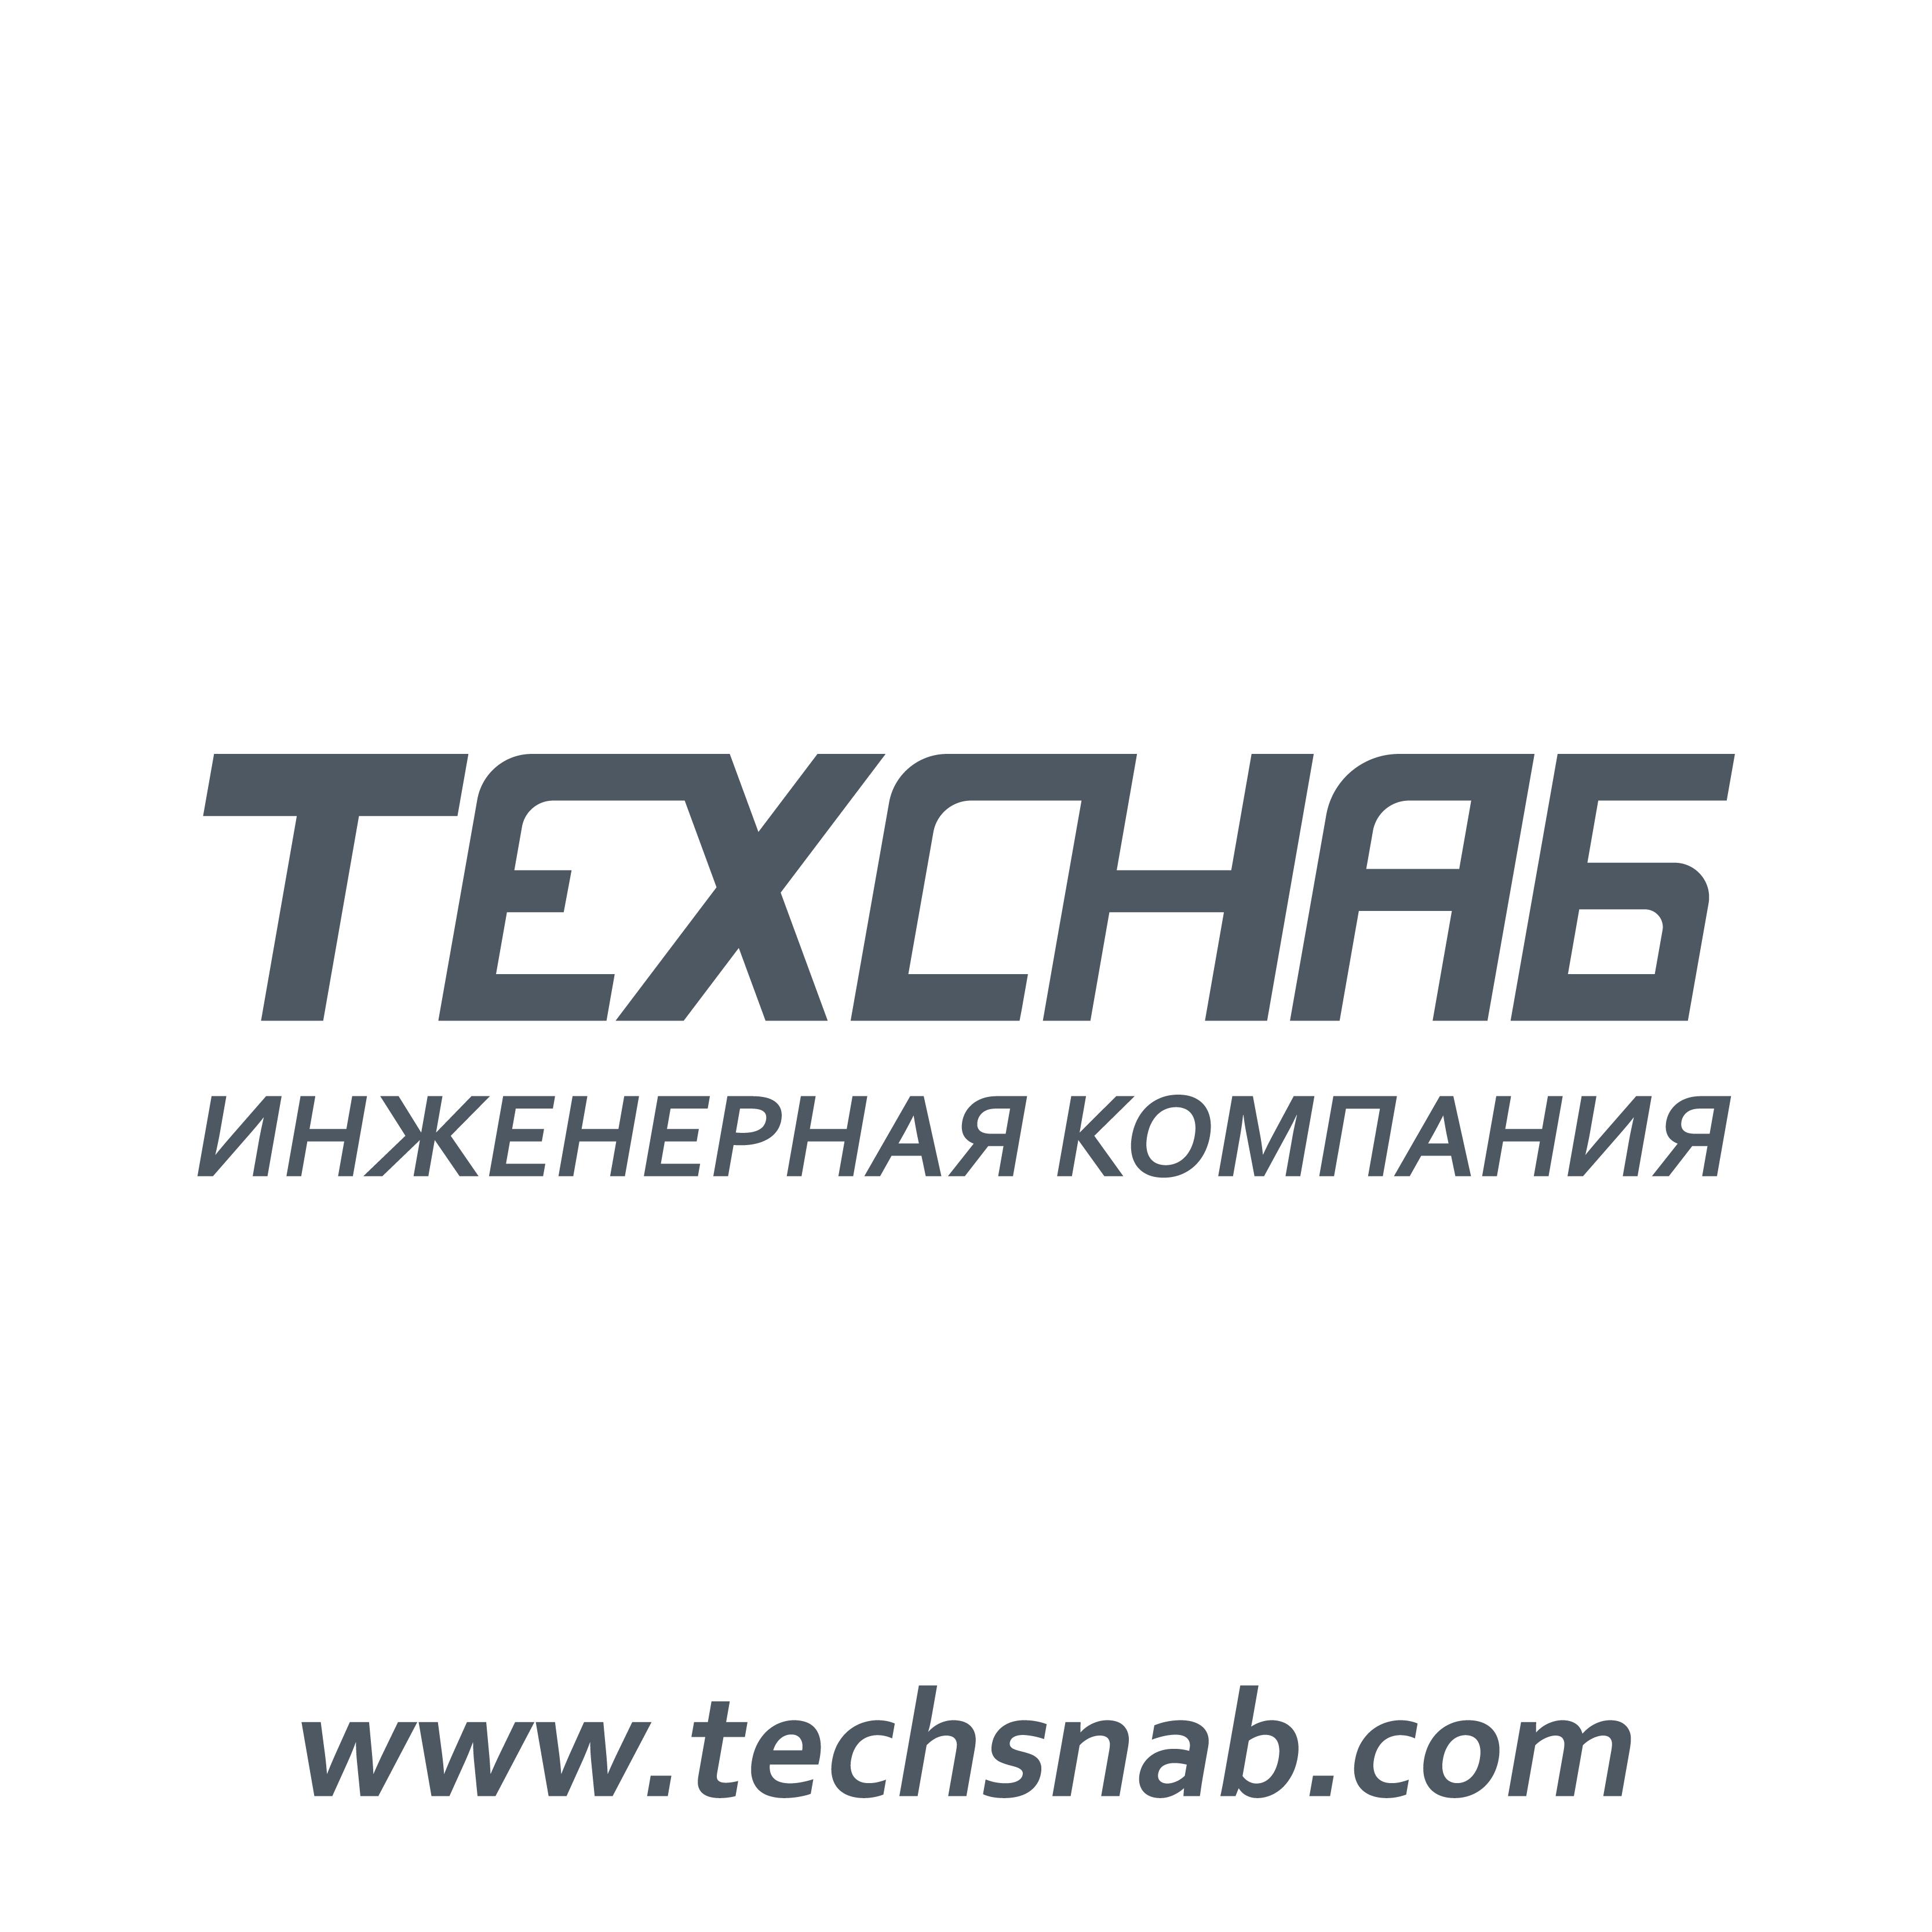 Разработка логотипа и фирм. стиля компании  ТЕХСНАБ фото f_3555b1bac56ab942.png